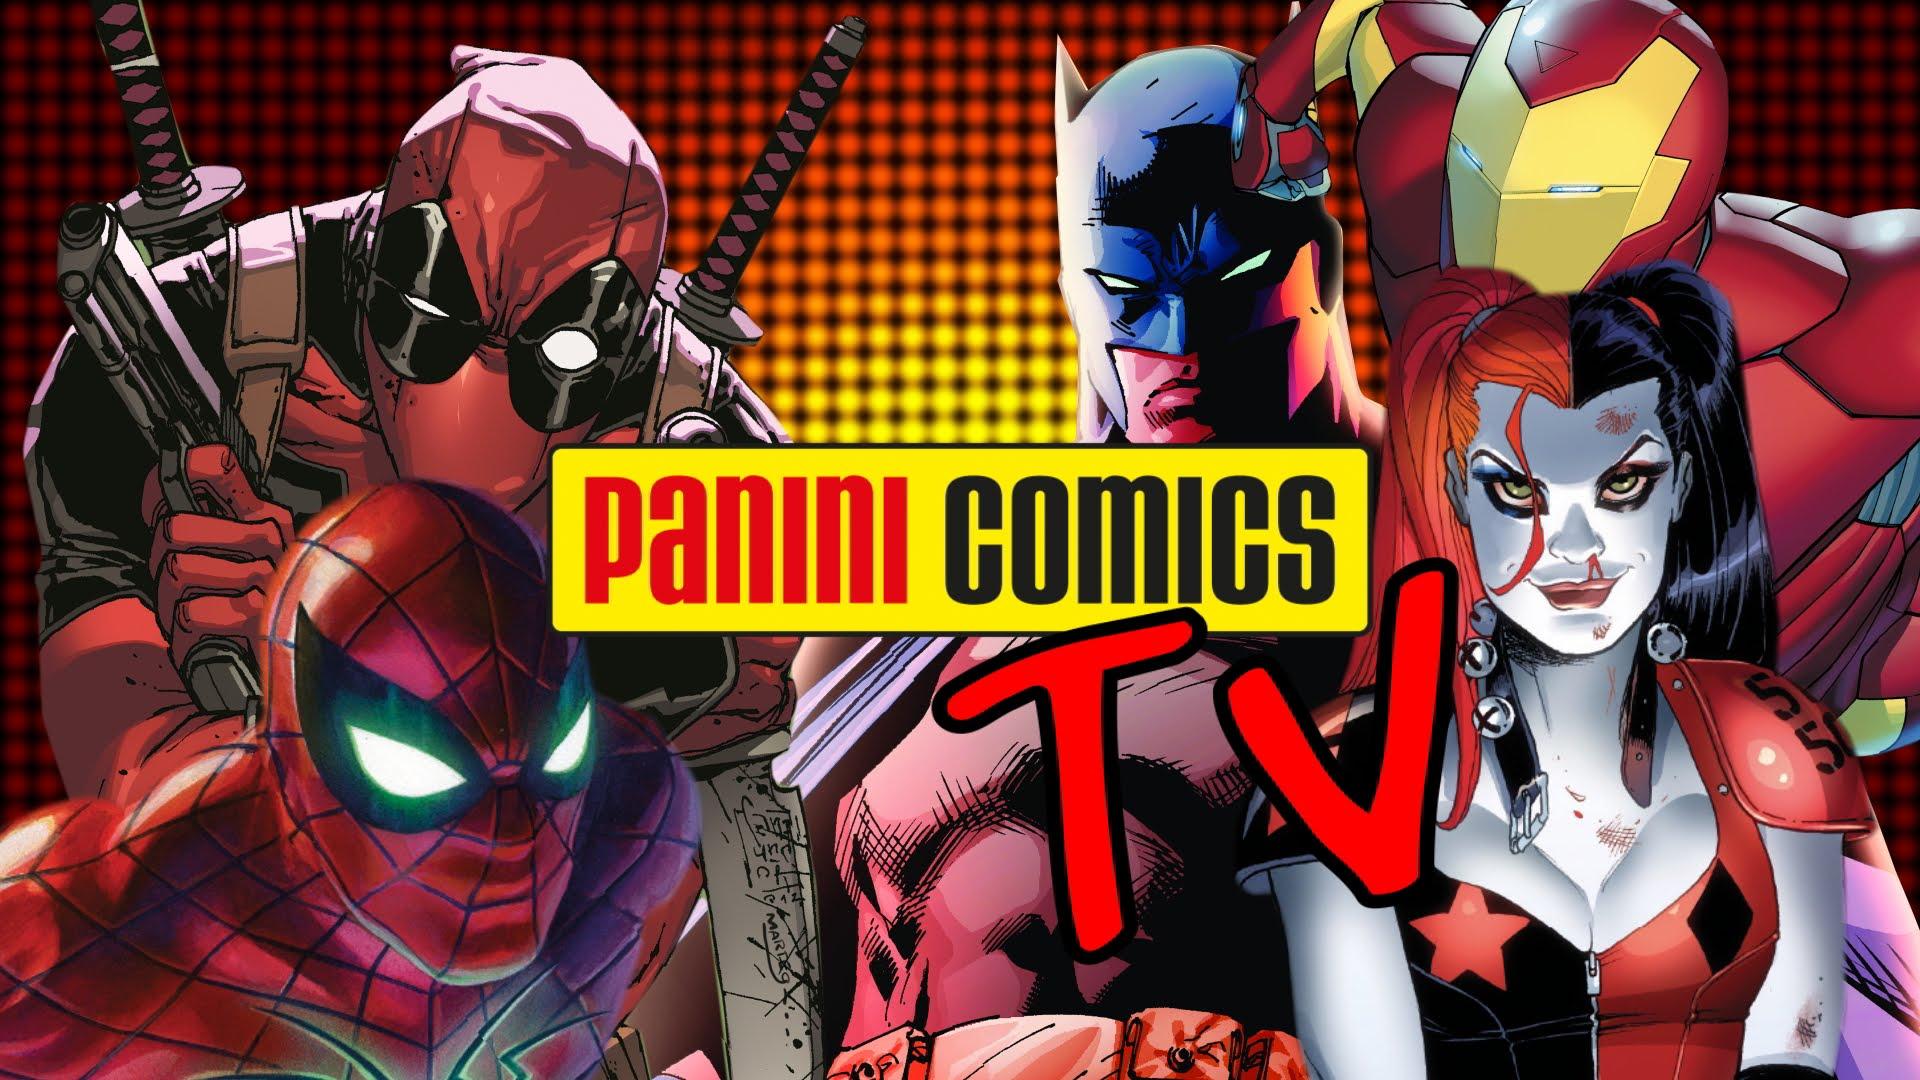 """Mit """"Panini Comics TV"""" startet der Verlag nun auch eine Serie bei Youtube"""